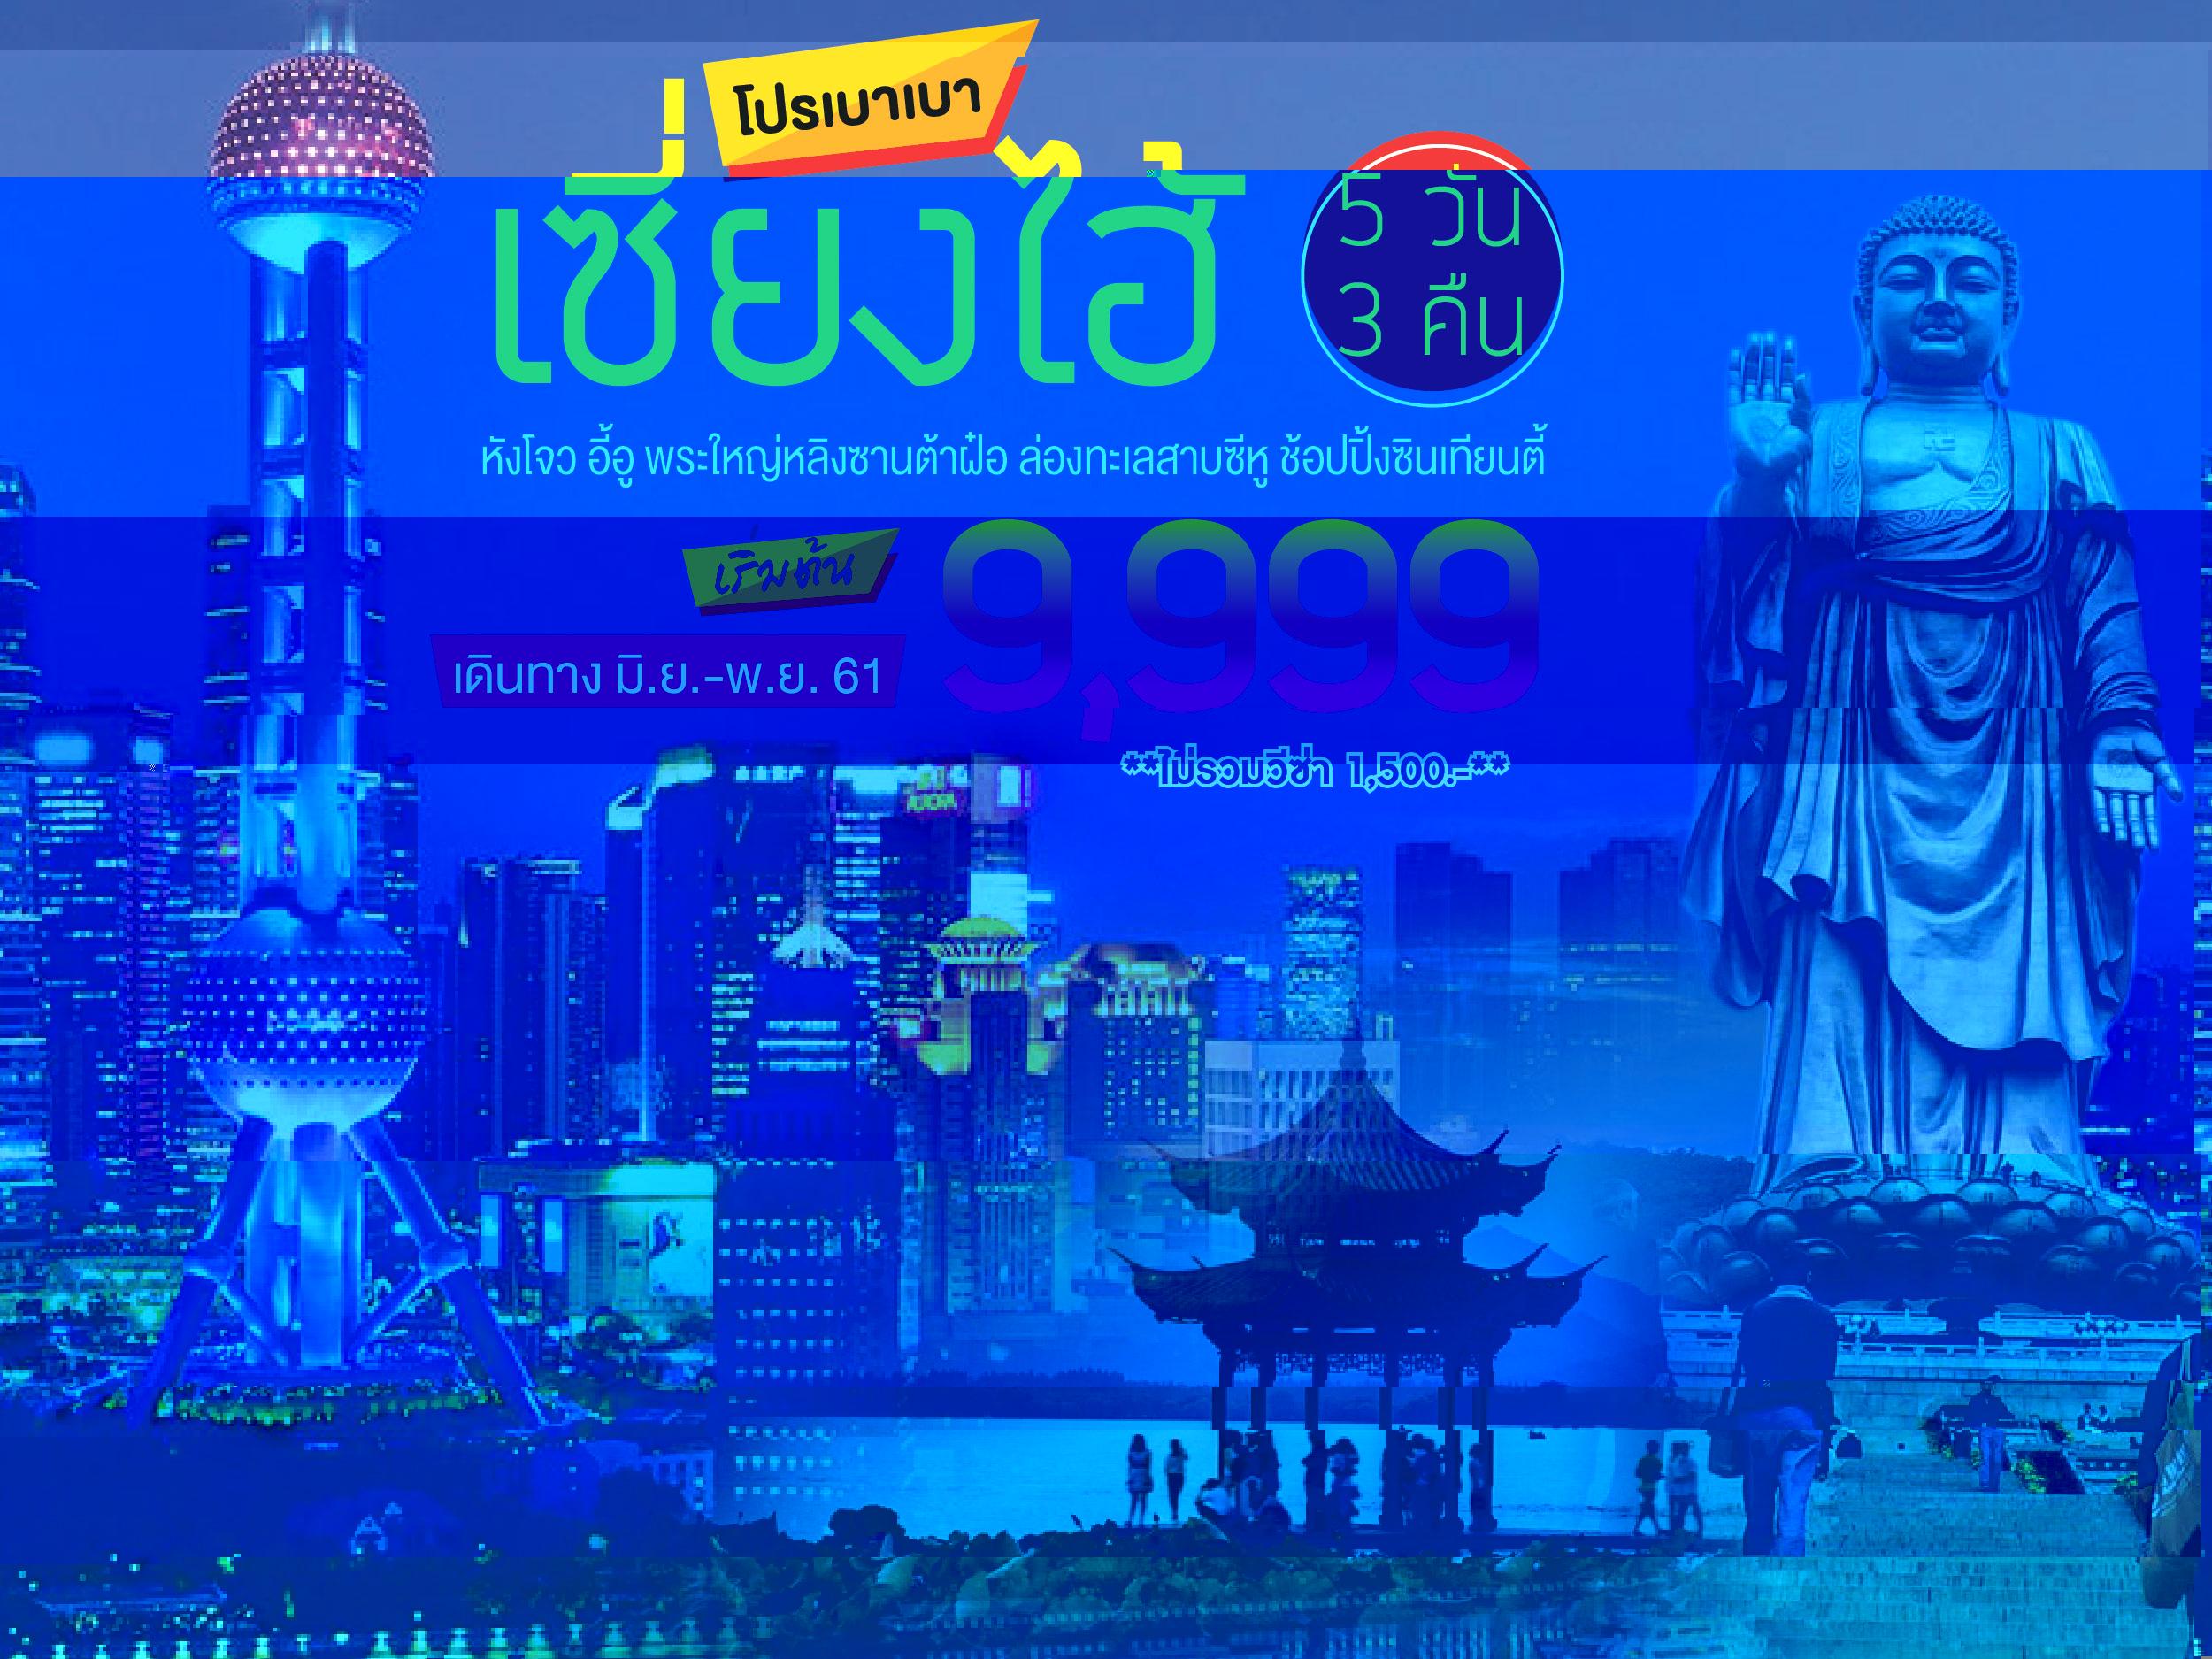 โปรเบาเบา 2..เซี่ยงไฮ้ อู๋ซี หังโจว 5 วัน 3 คืน